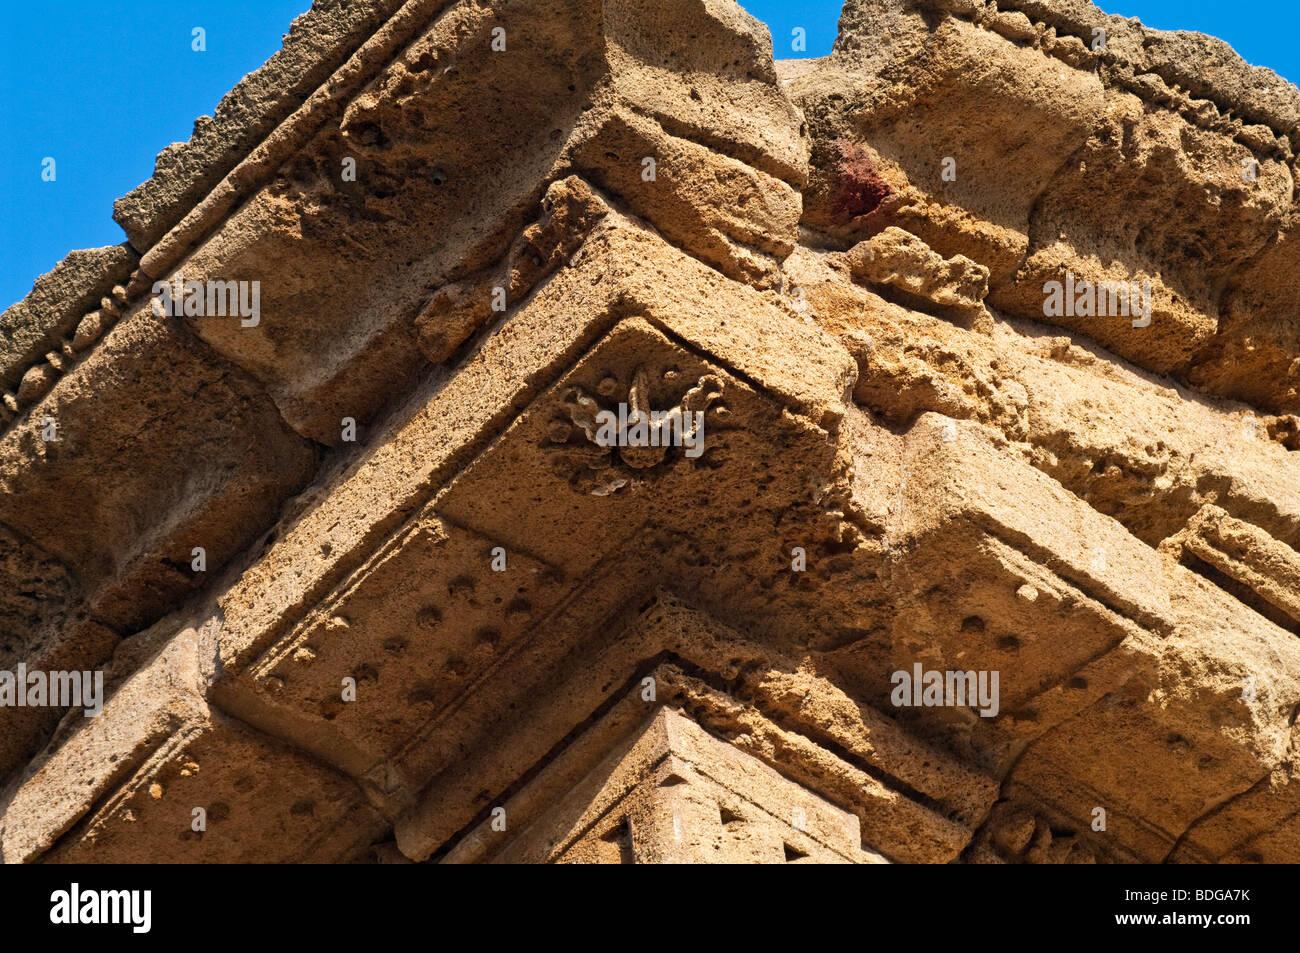 Dettaglio del cornicione sul cosiddetto tempio di Castore e Polluce nel Santuario della divinità Chthonic a Agrigento. Foto Stock